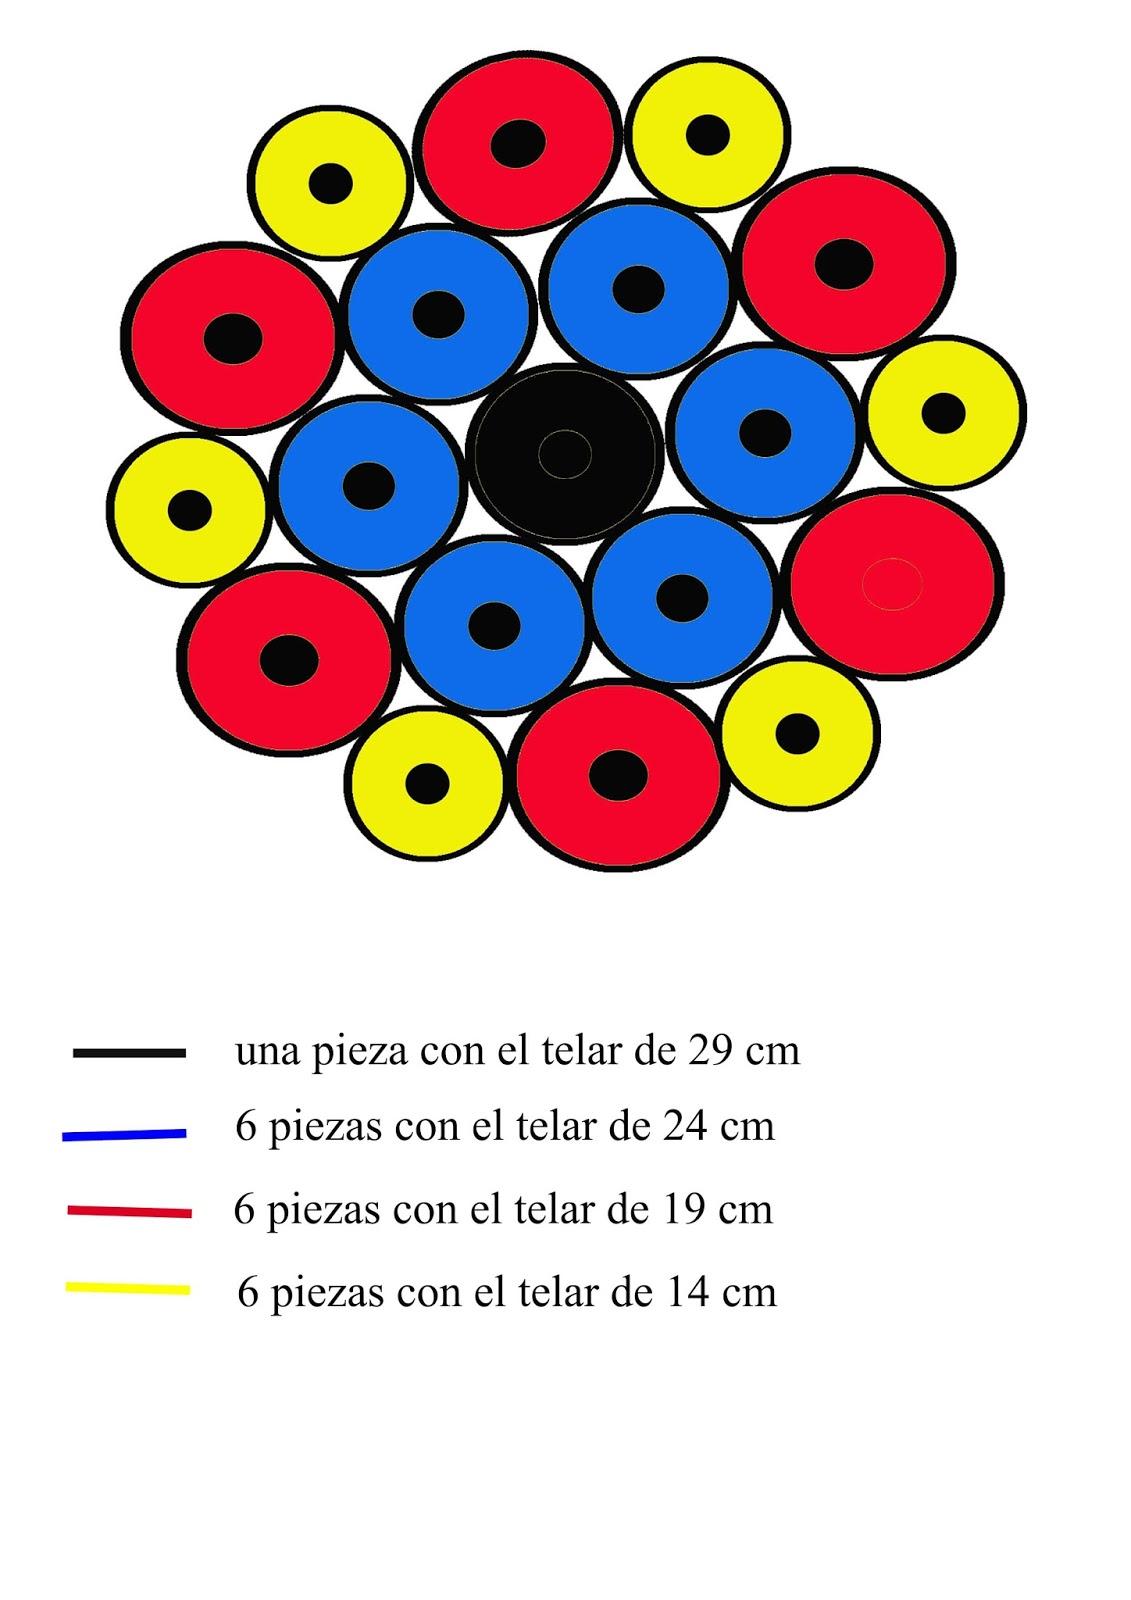 Encantador Telar Tejer Patrones Telares Circulares Viñeta - Ideas de ...